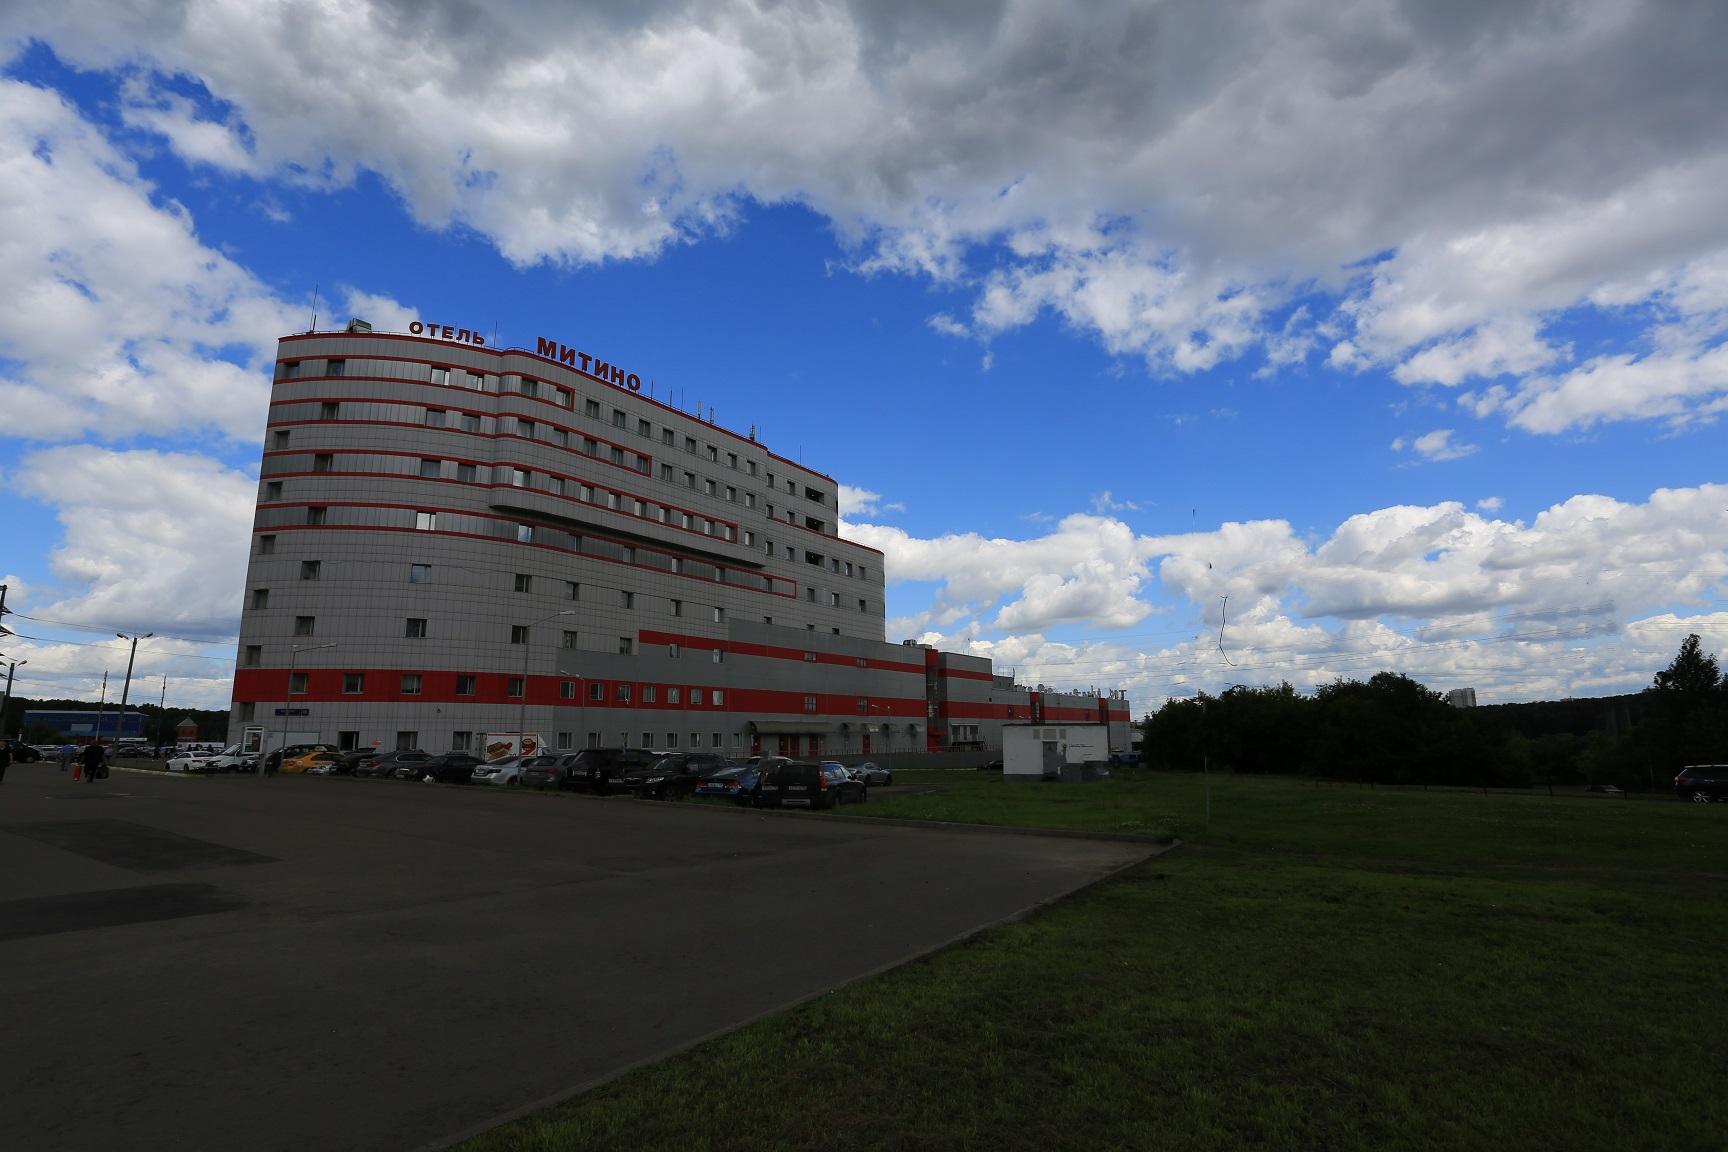 Отель Митино. Внешний вид